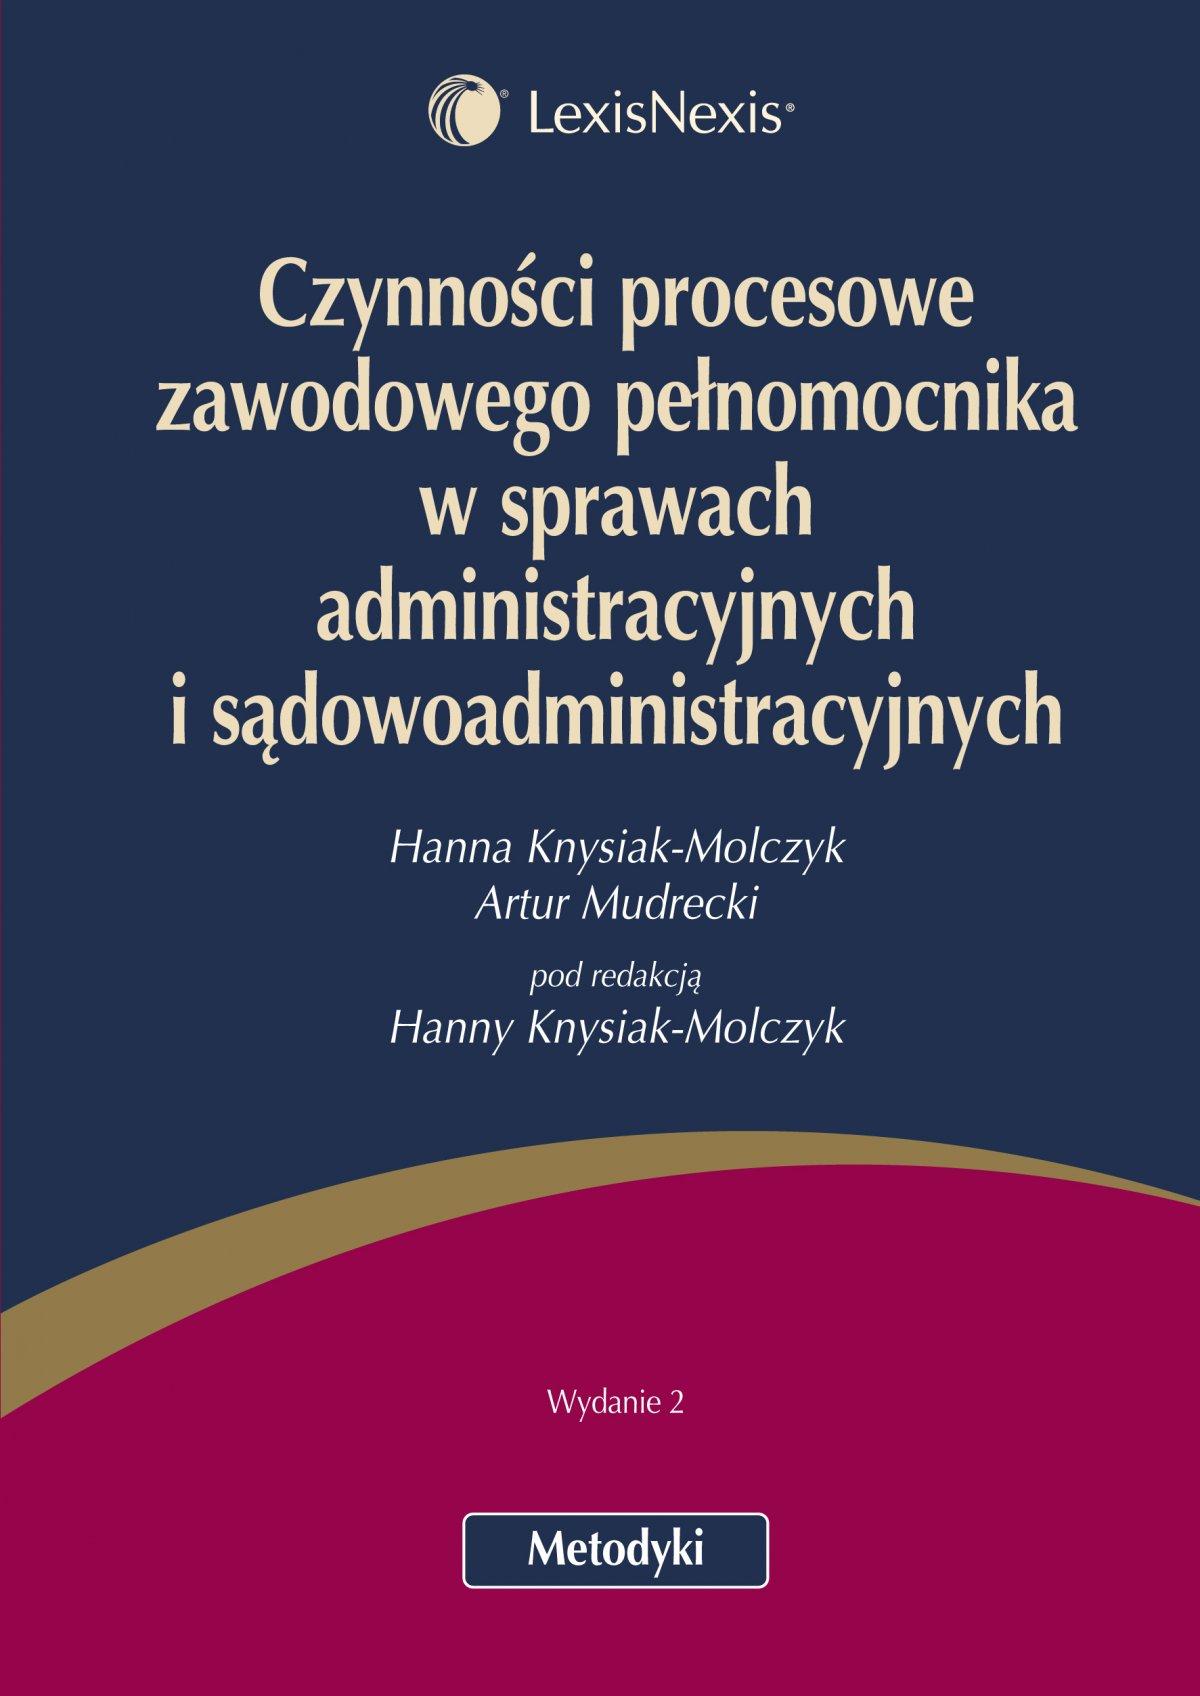 Czynności procesowe zawodowego pełnomocnika w sprawach administracyjnych i sądowoadministracyjnych - Ebook (Książka EPUB) do pobrania w formacie EPUB